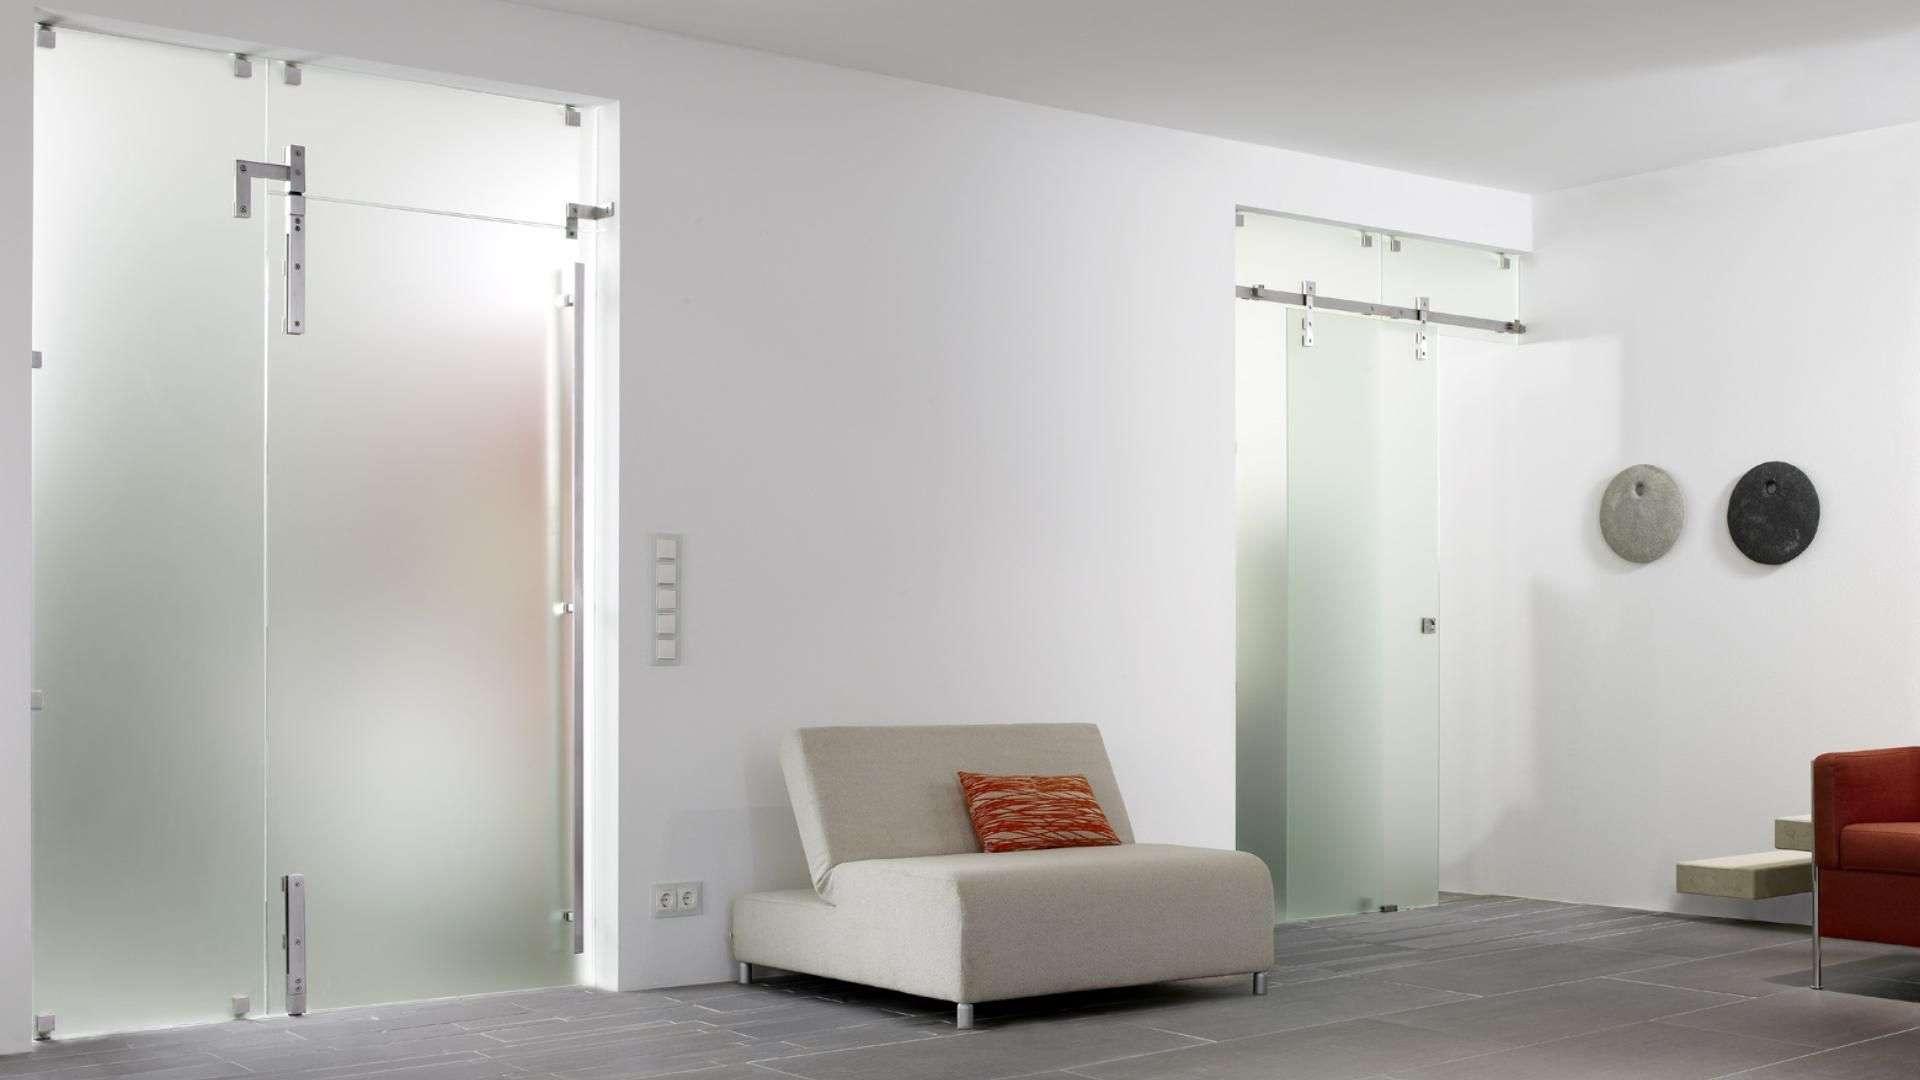 zwei Schiebetüren aus Glas